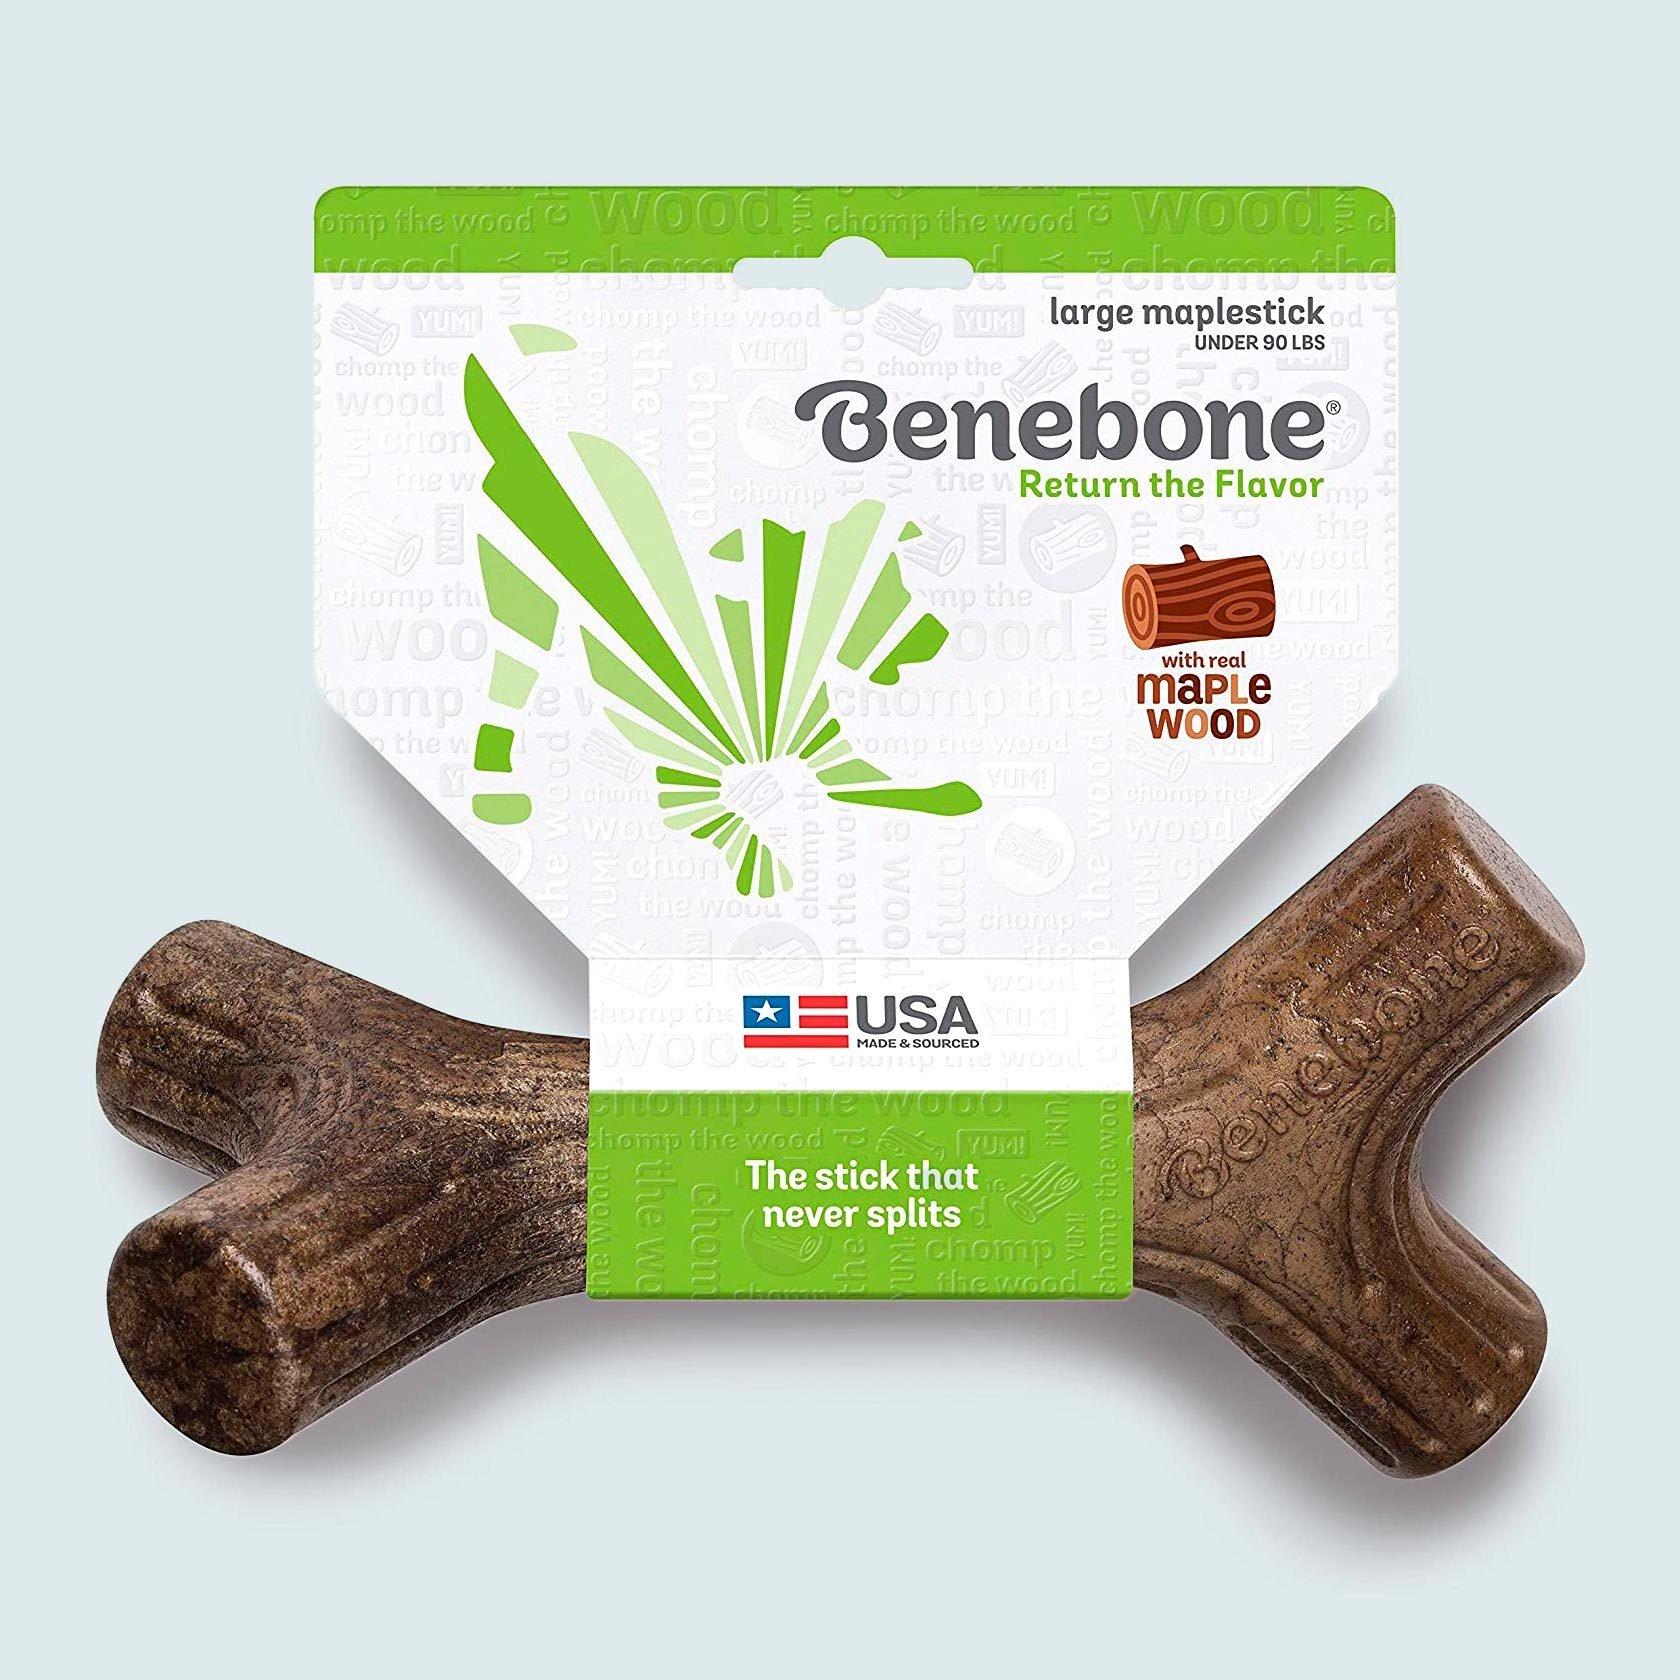 Benebone Maplestick Chew Toy